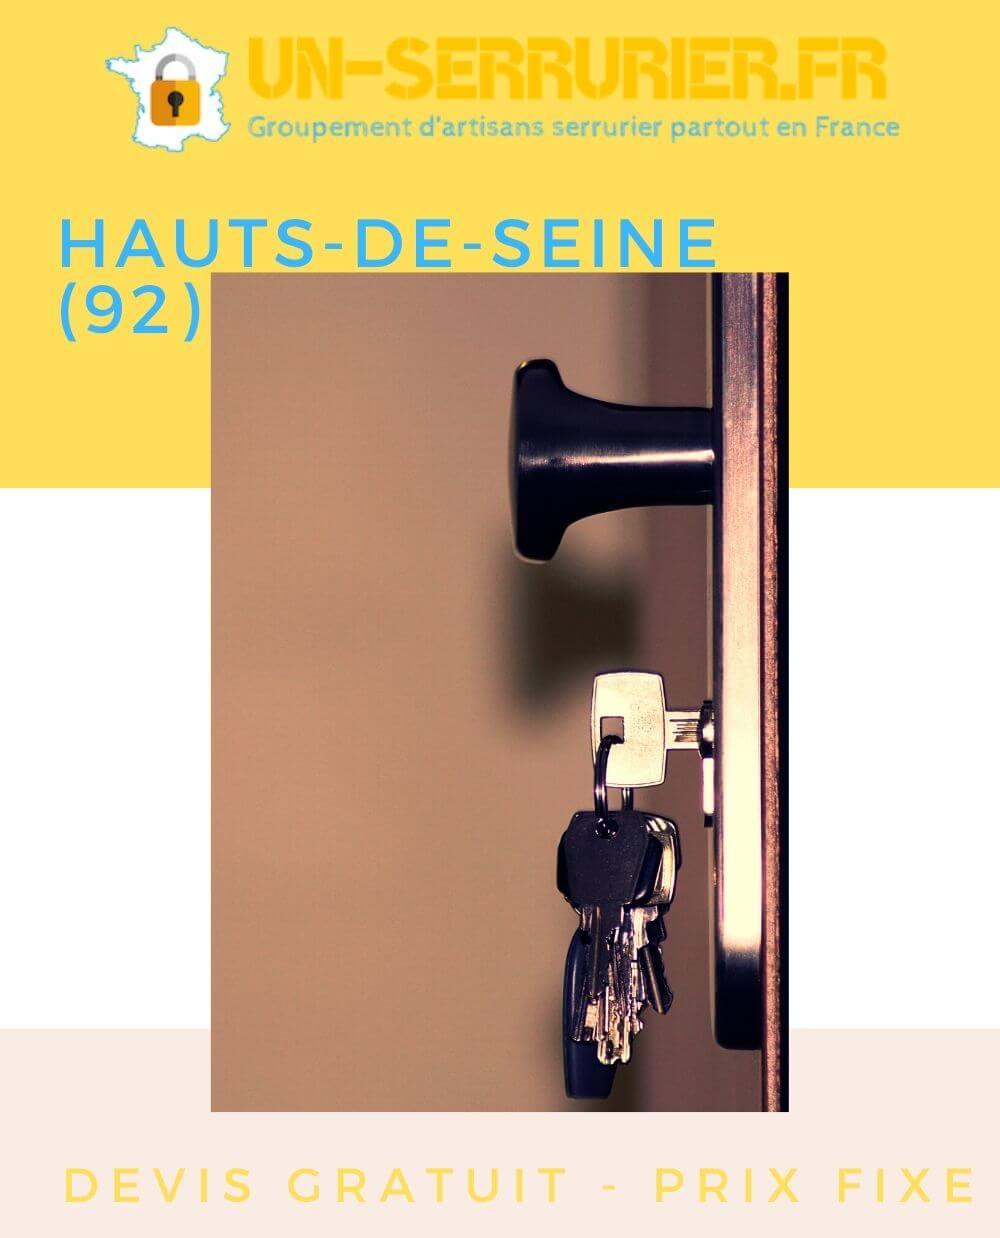 serruriers des Hauts-de-Seine (92)